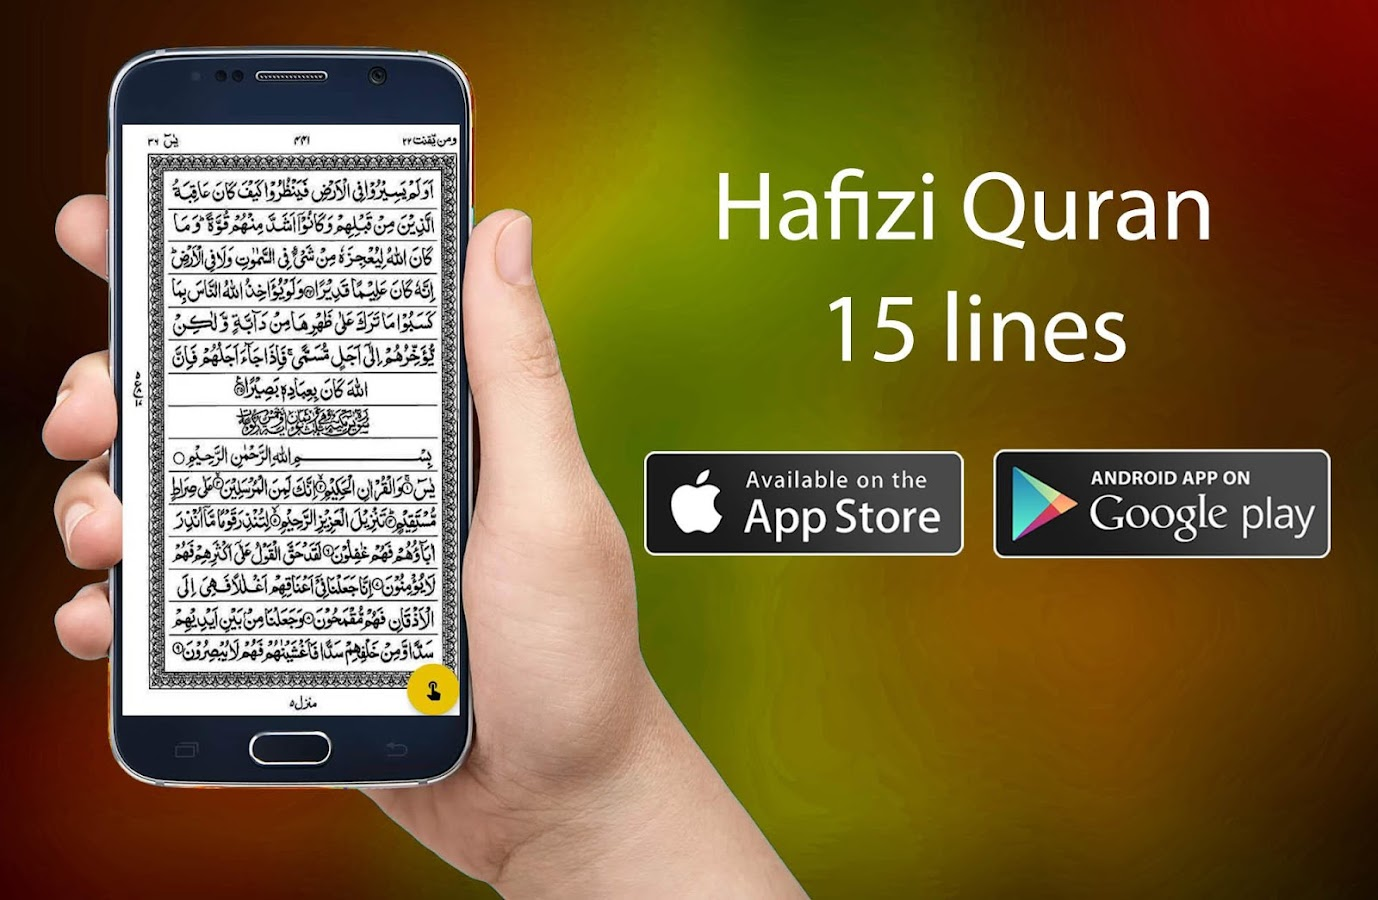 The description of Hafizi Quran 15 lines